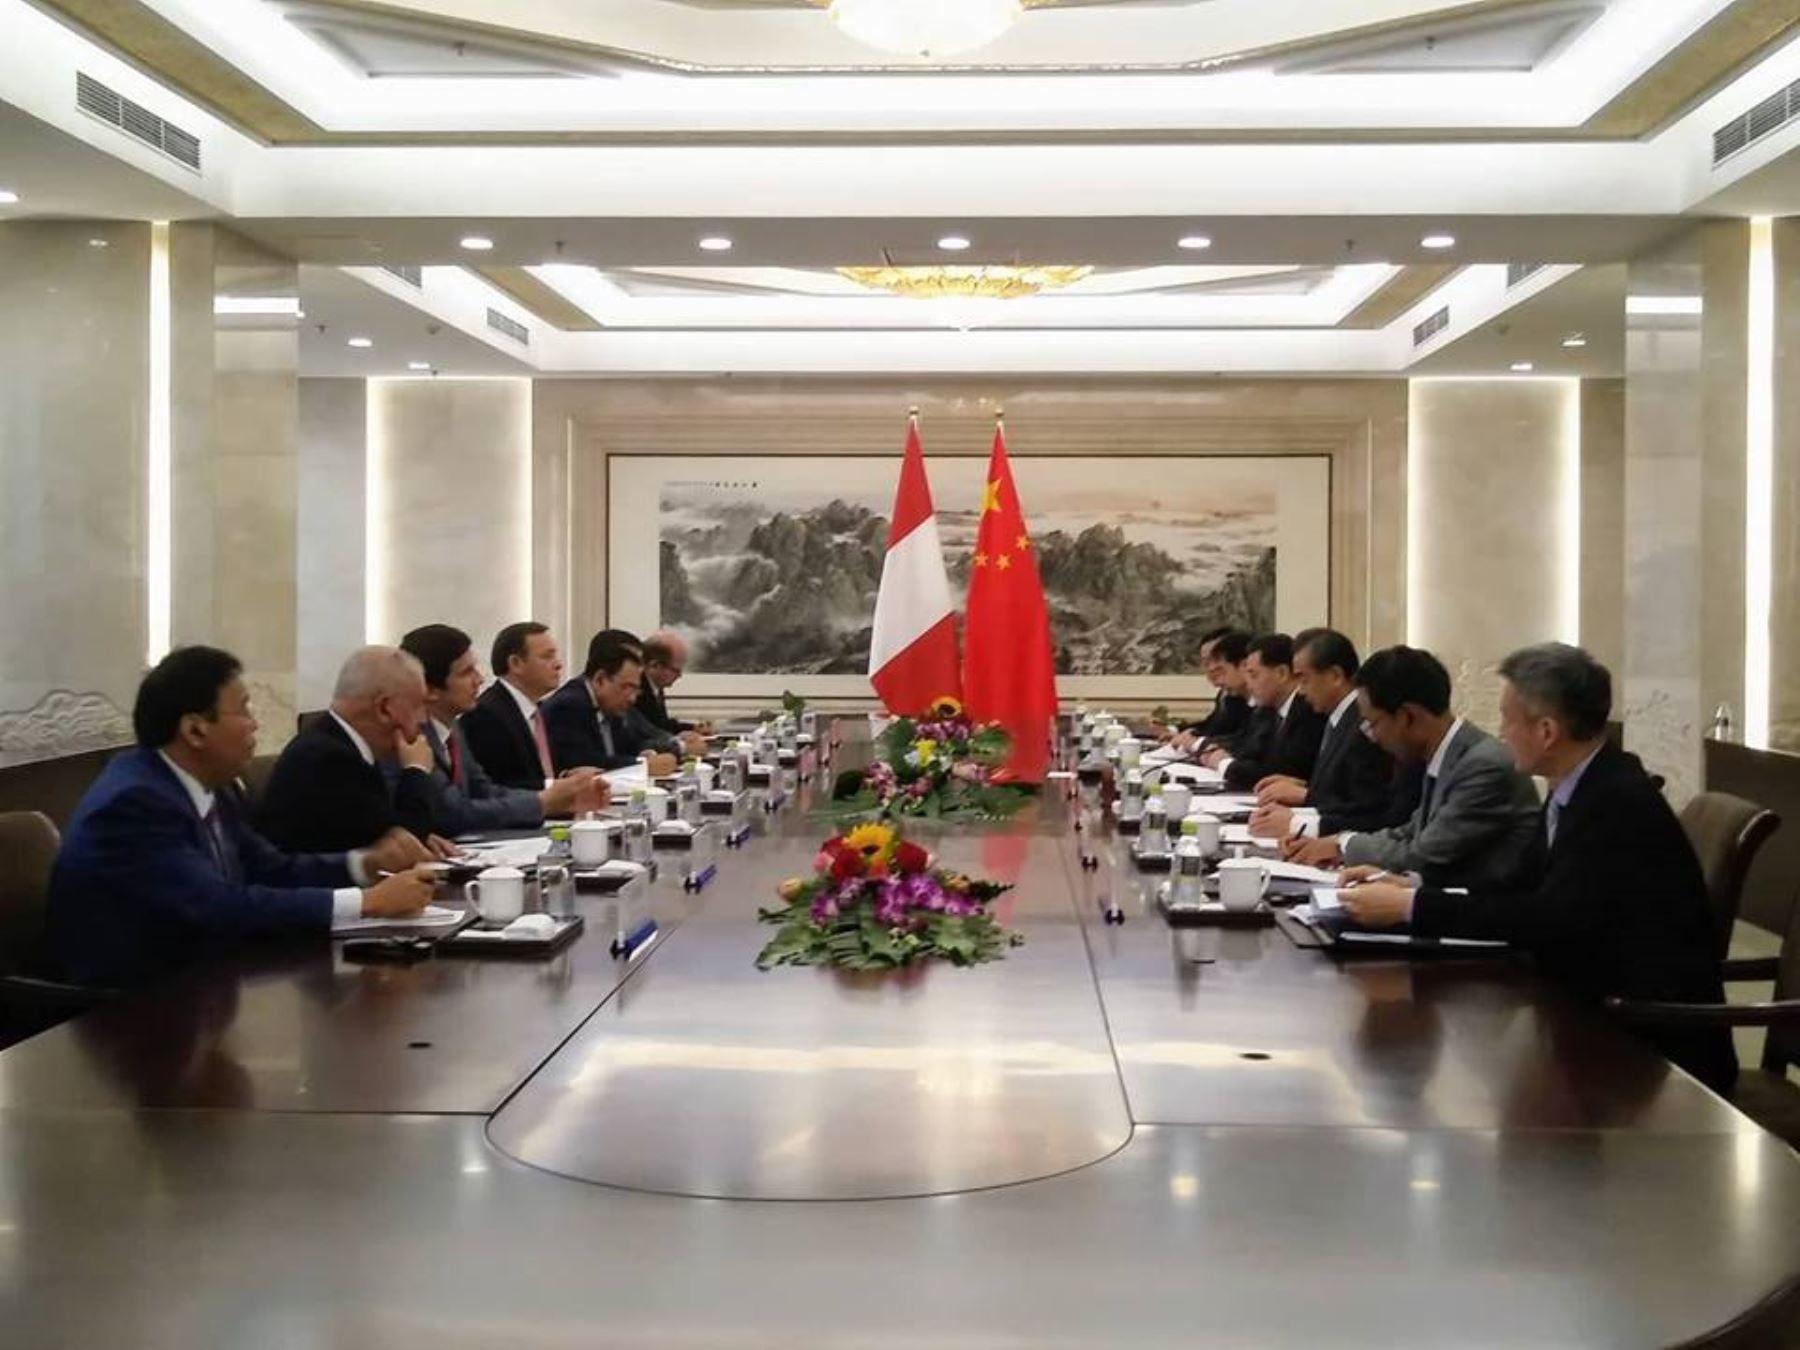 Canciller peruano inicia su agenda en China con el vicepresidente Wang Qishan